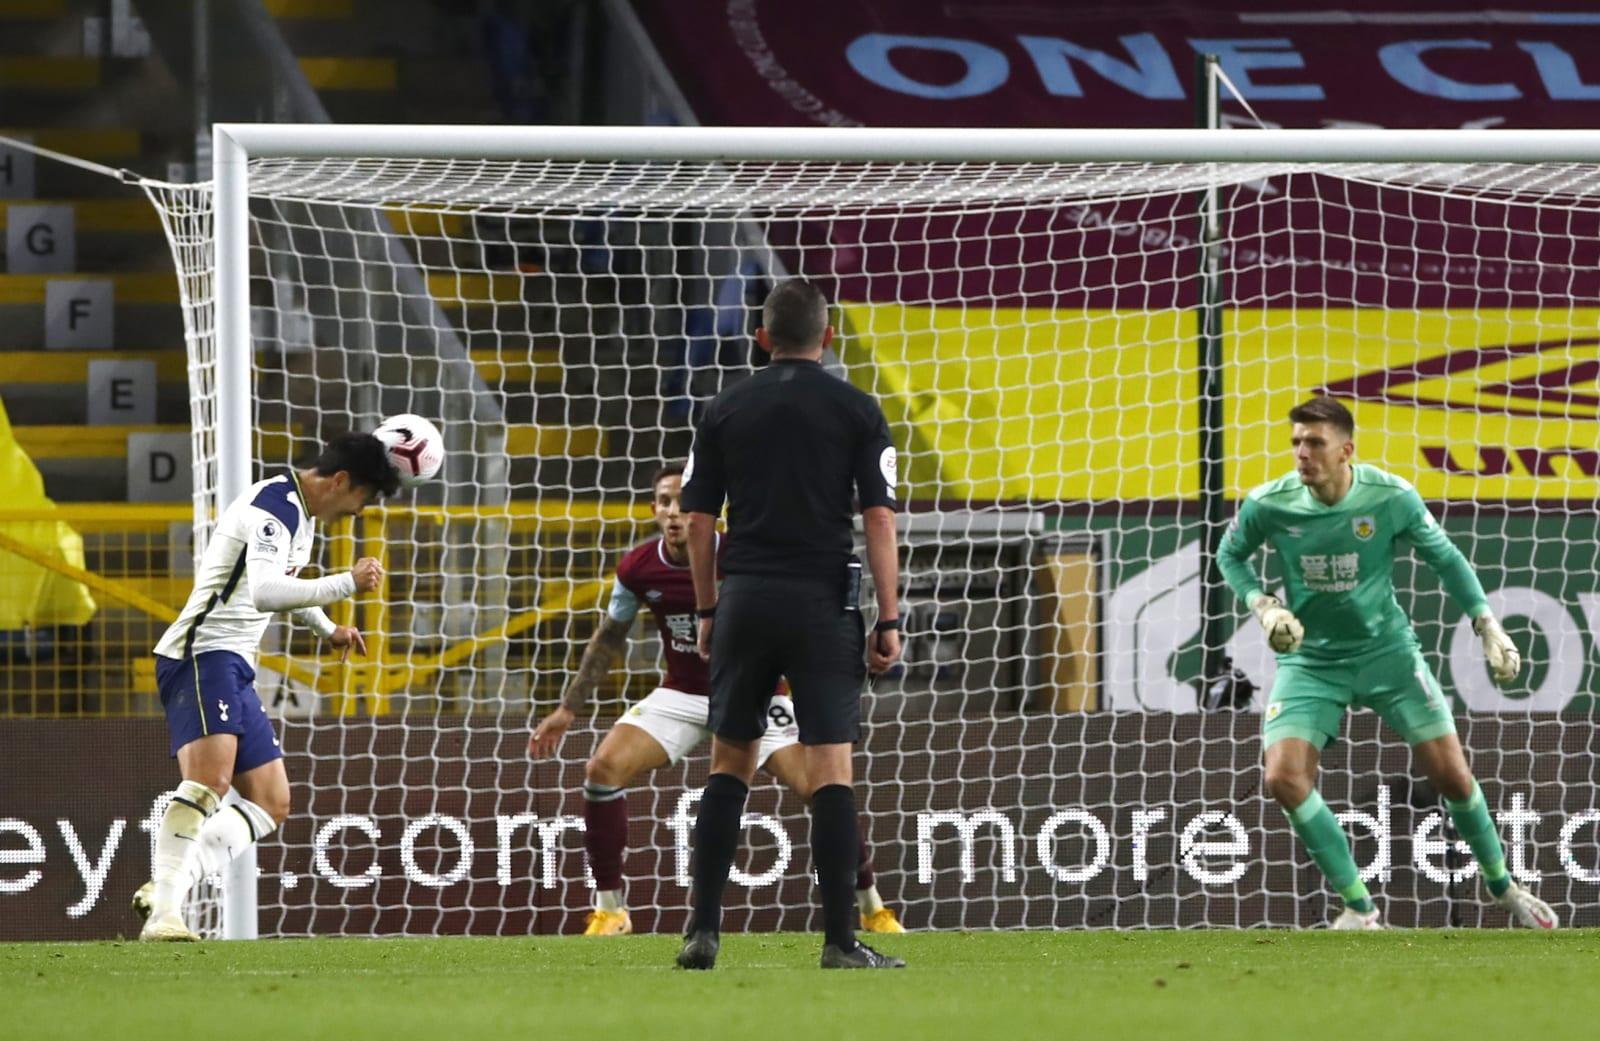 Son Scores for Tottenham